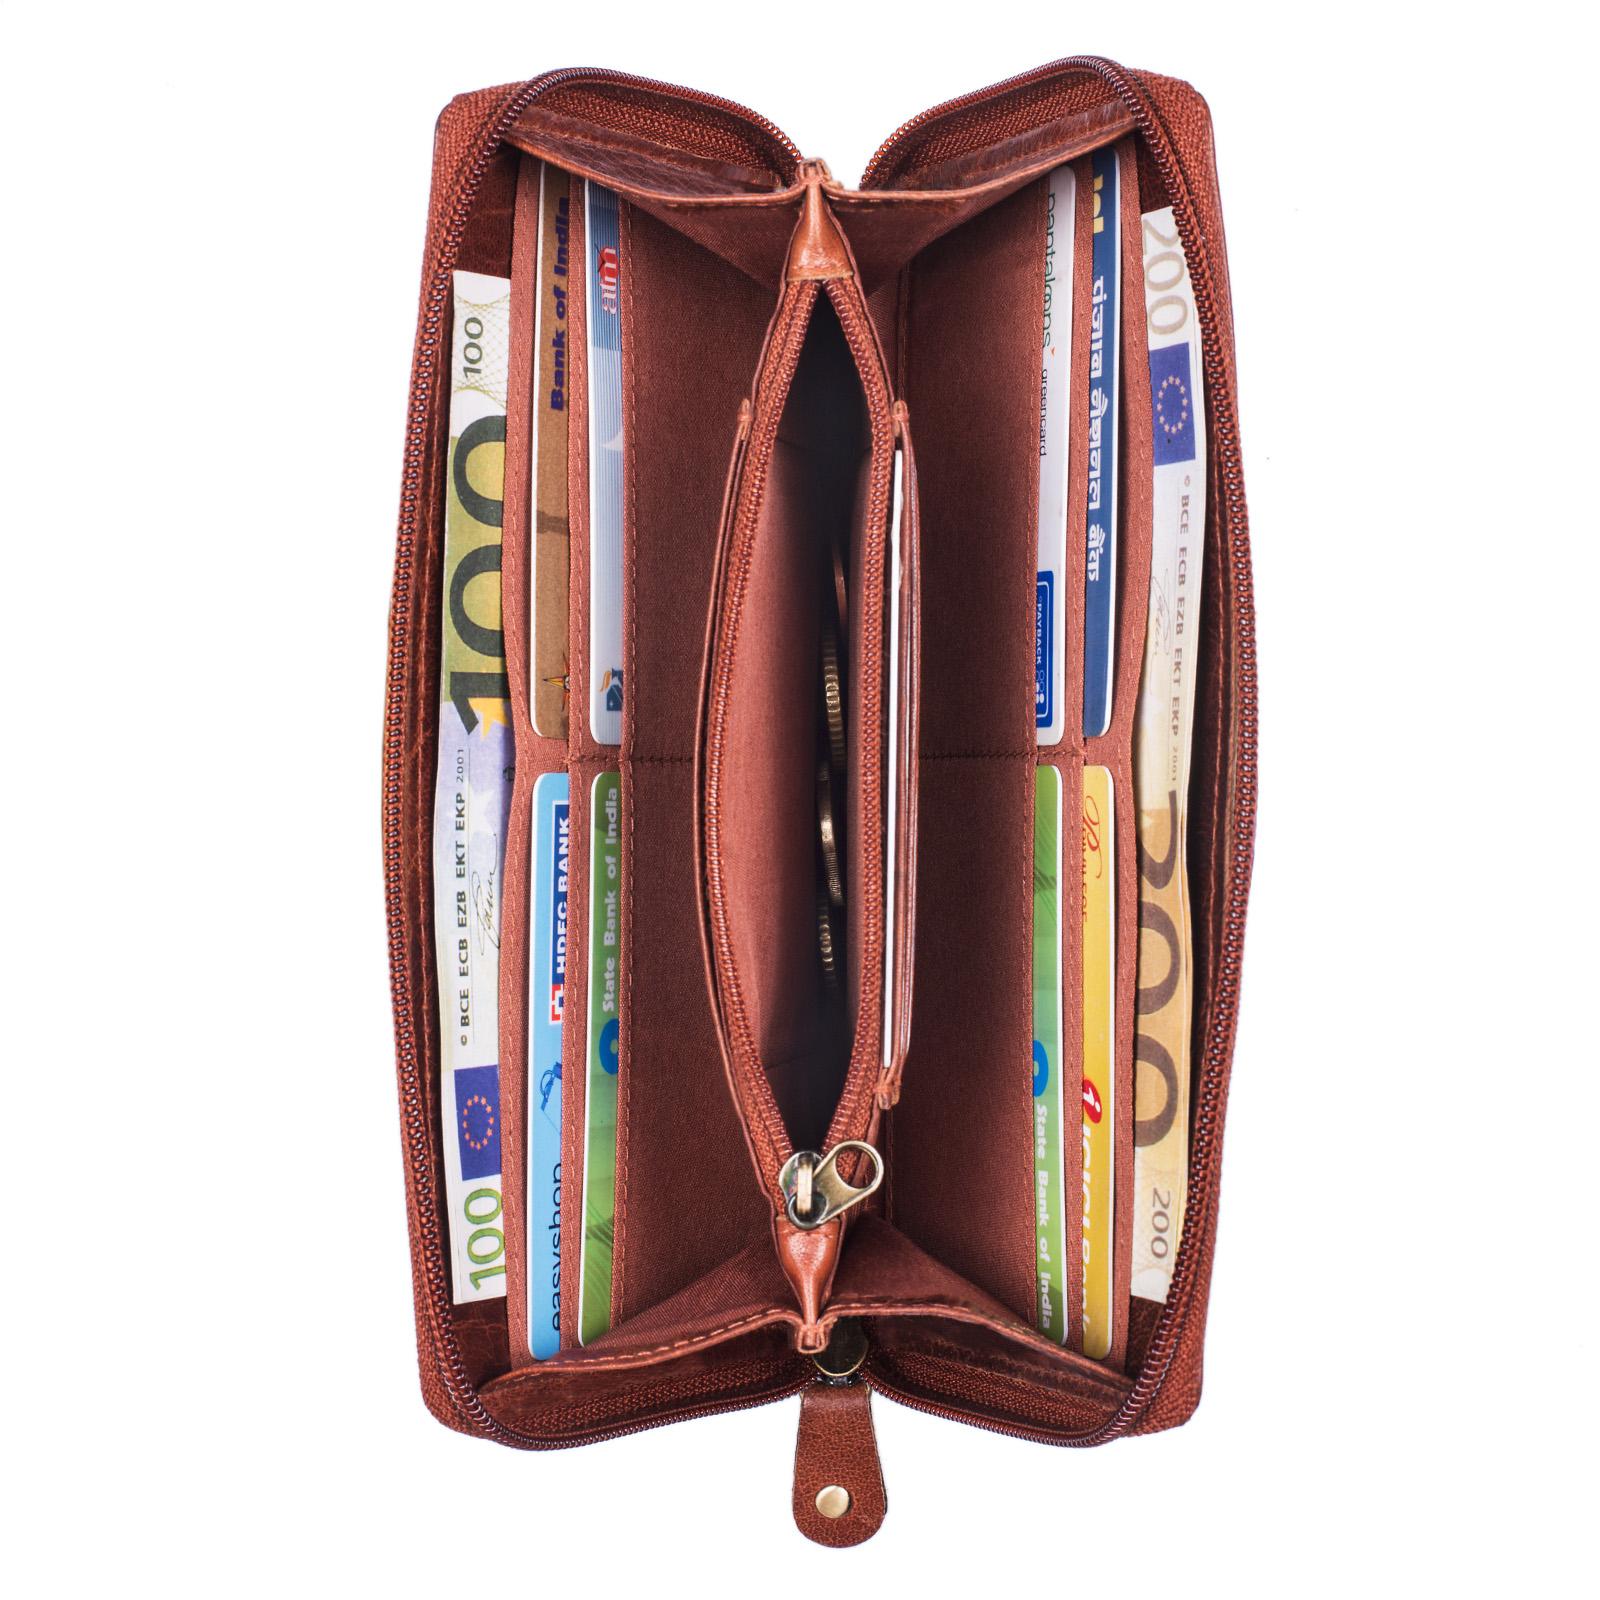 """STILORD """"Saskia"""" Portemonnaie Damen Leder groß viele Fächer Vintage Brieftasche im Querformat Geldbörse mit Reißverschluss für EC-Karten Kleingeld Ausweis - Bild 4"""